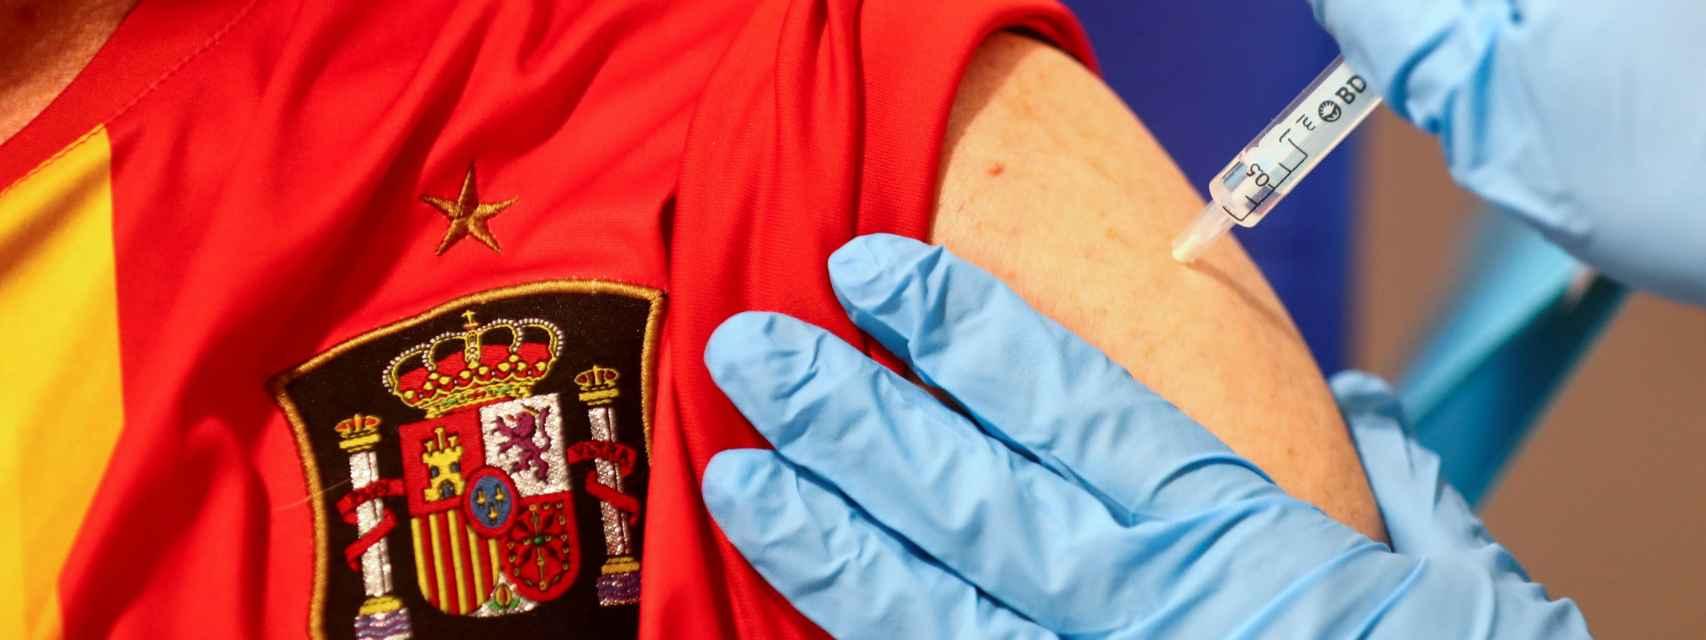 Un hombre con la camiseta de la Selección recibe la vacuna de AstraZeneca.